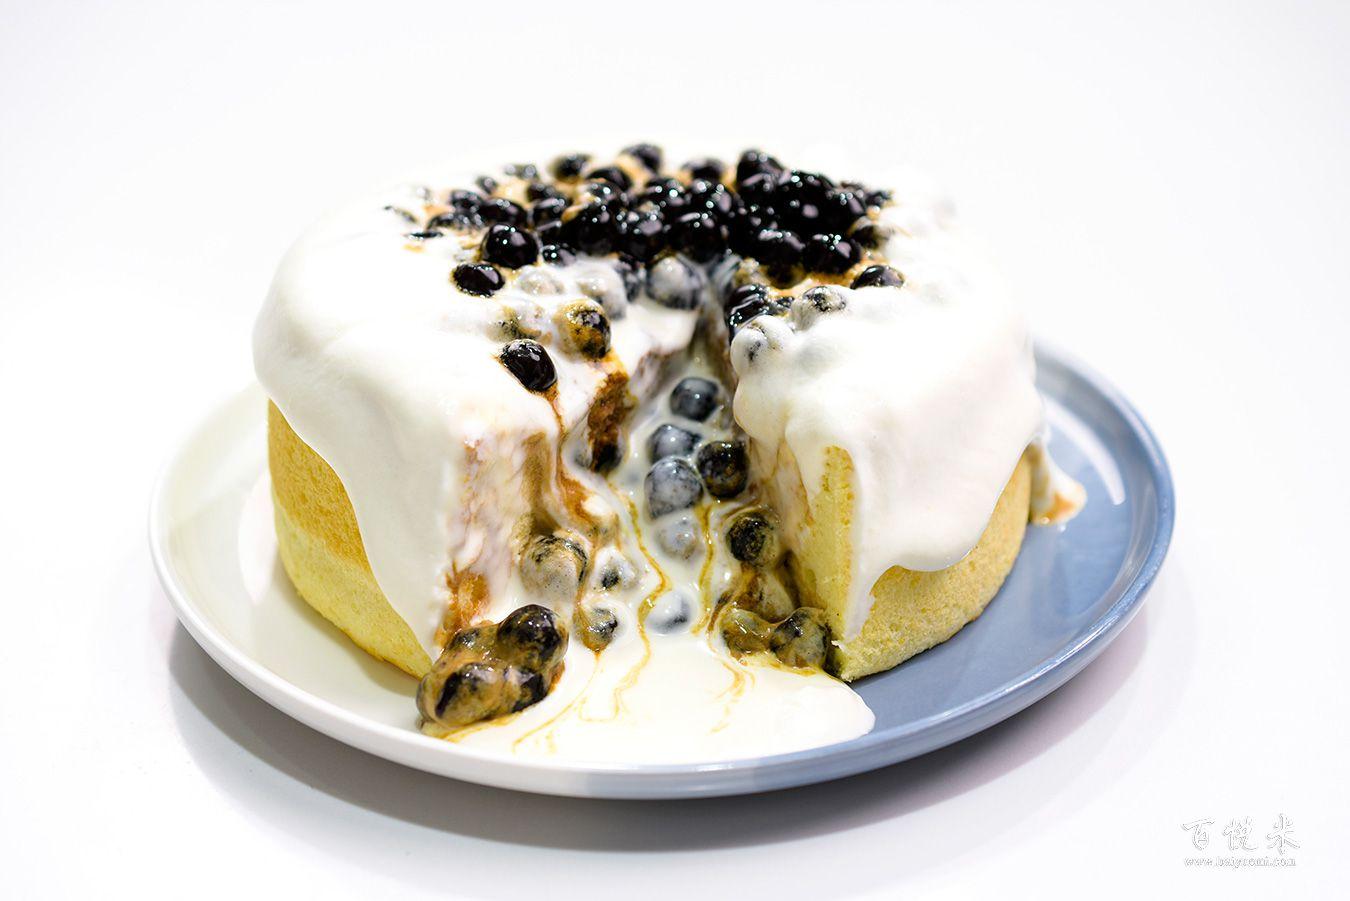 珍珠奶茶云朵蛋糕高清图片大全【蛋糕图片】_878